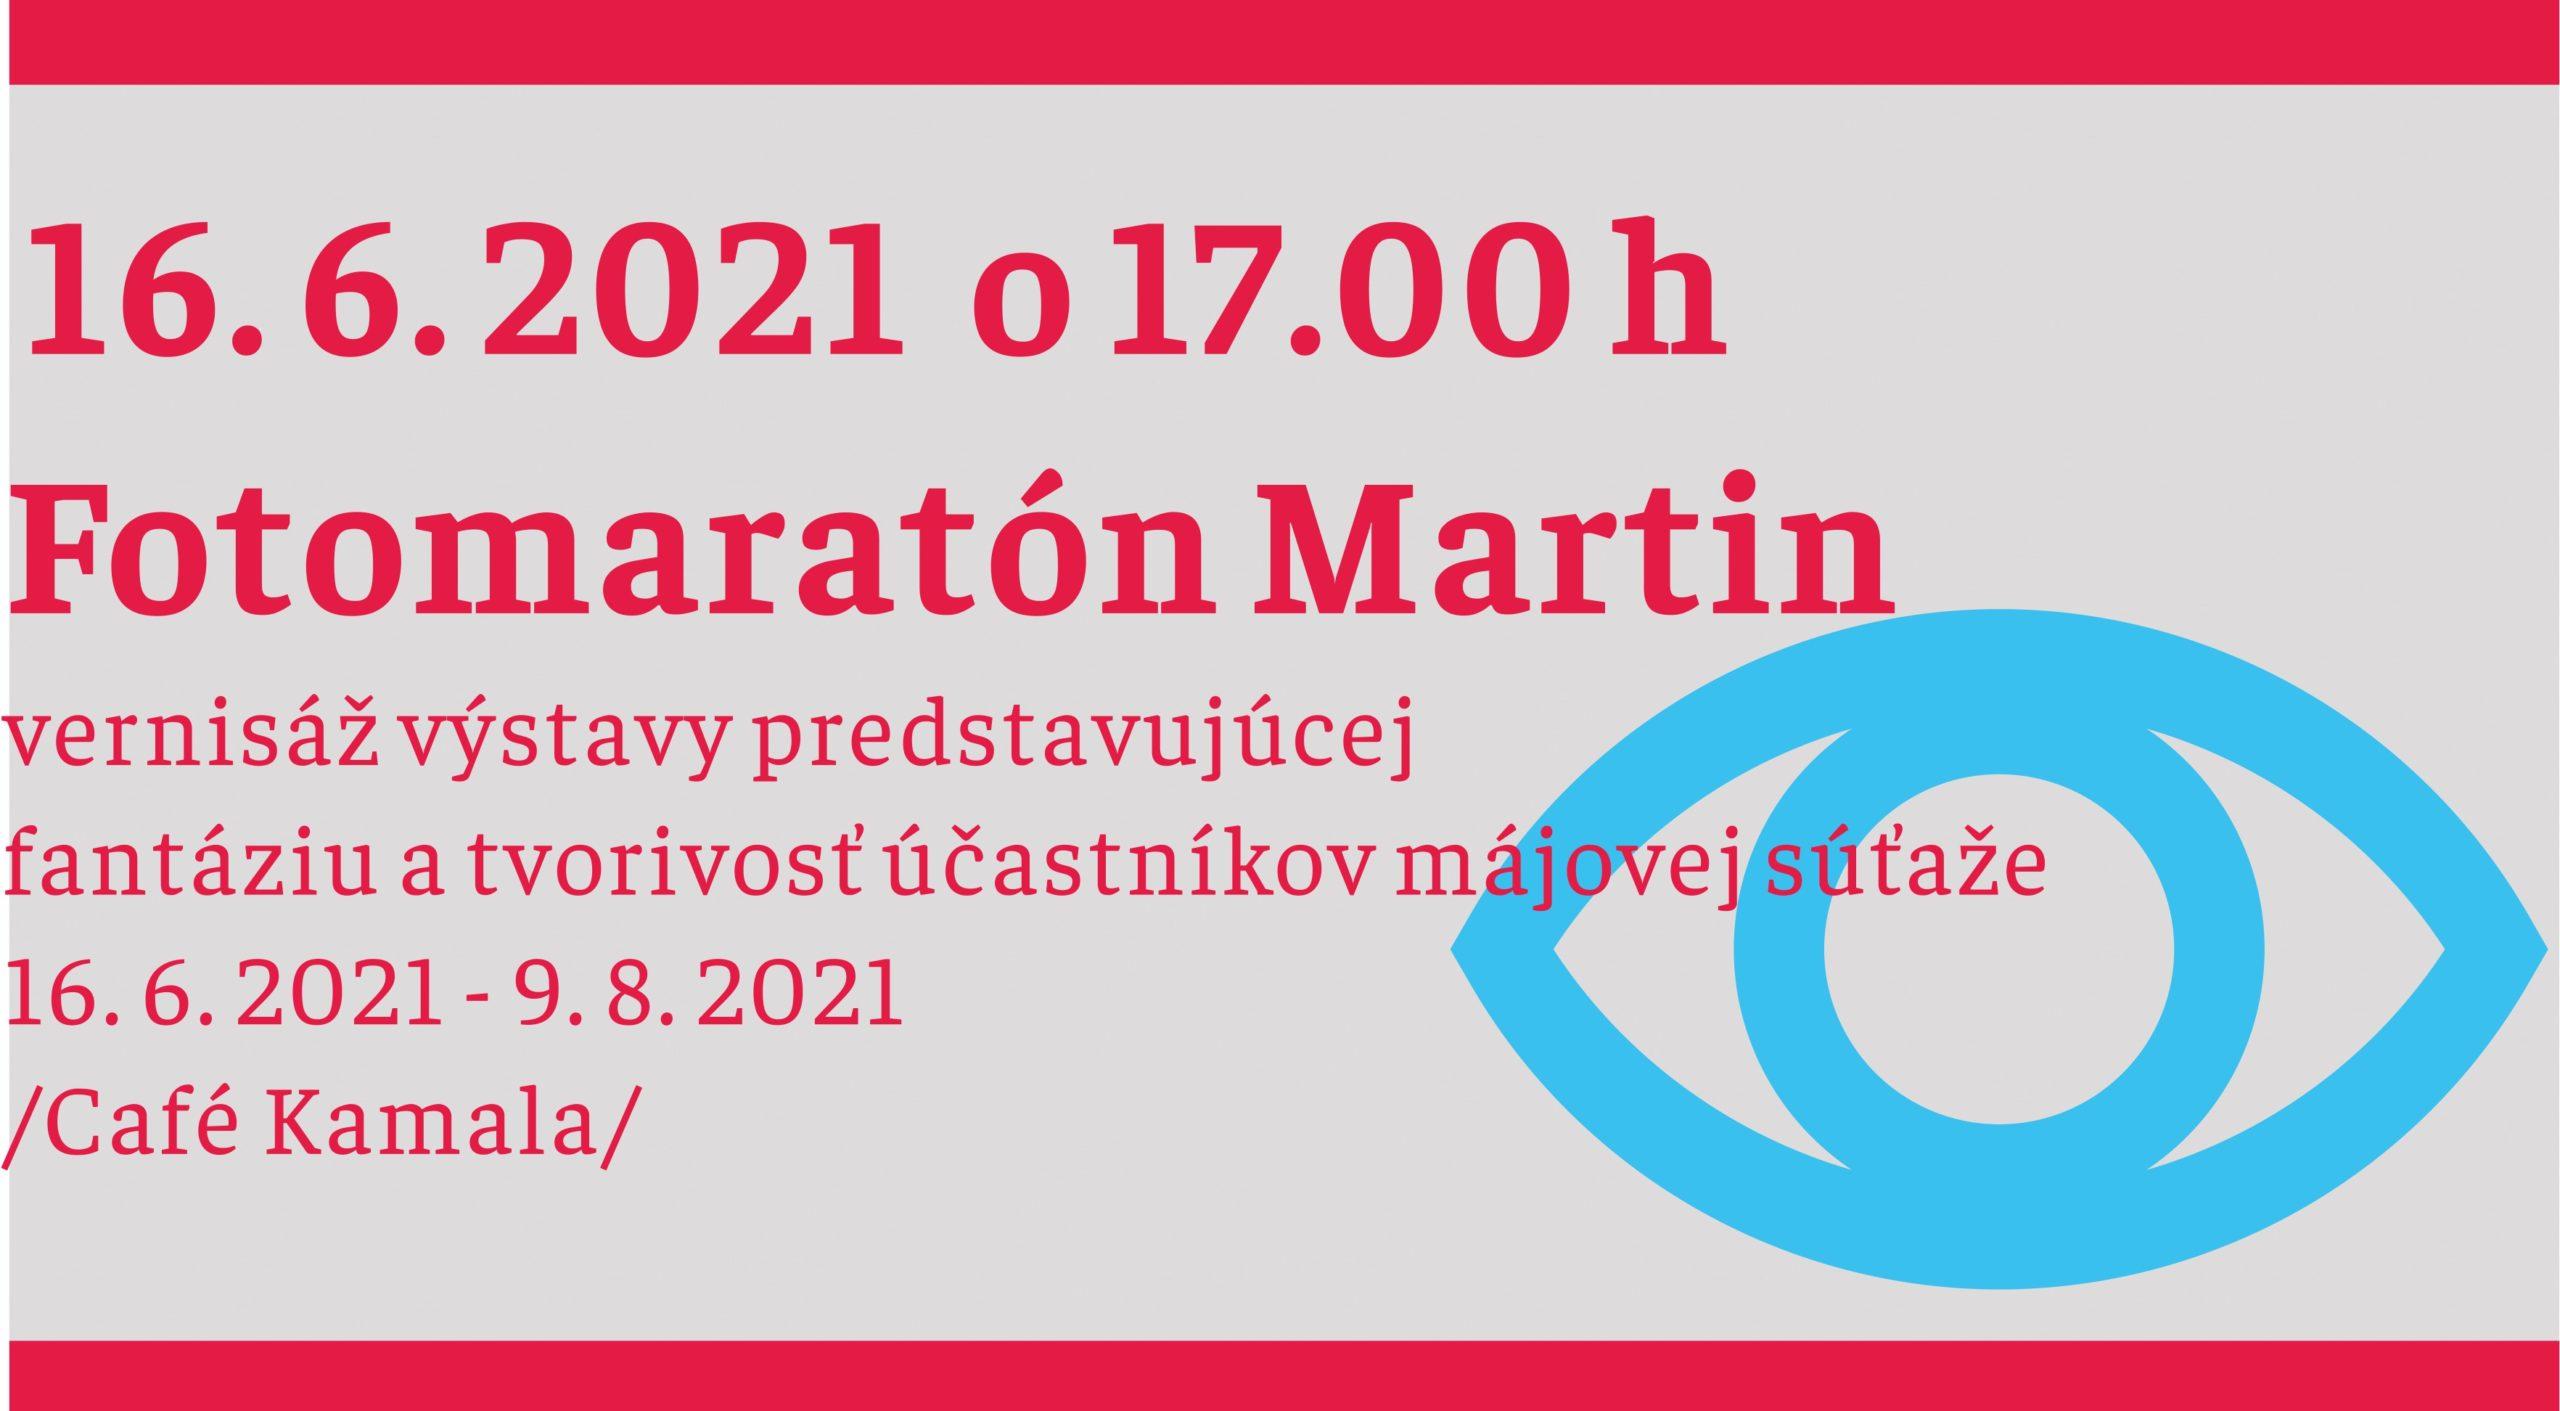 FOTOMARATÓN MARTIN 2021 – zabávaj sa s fotografiou